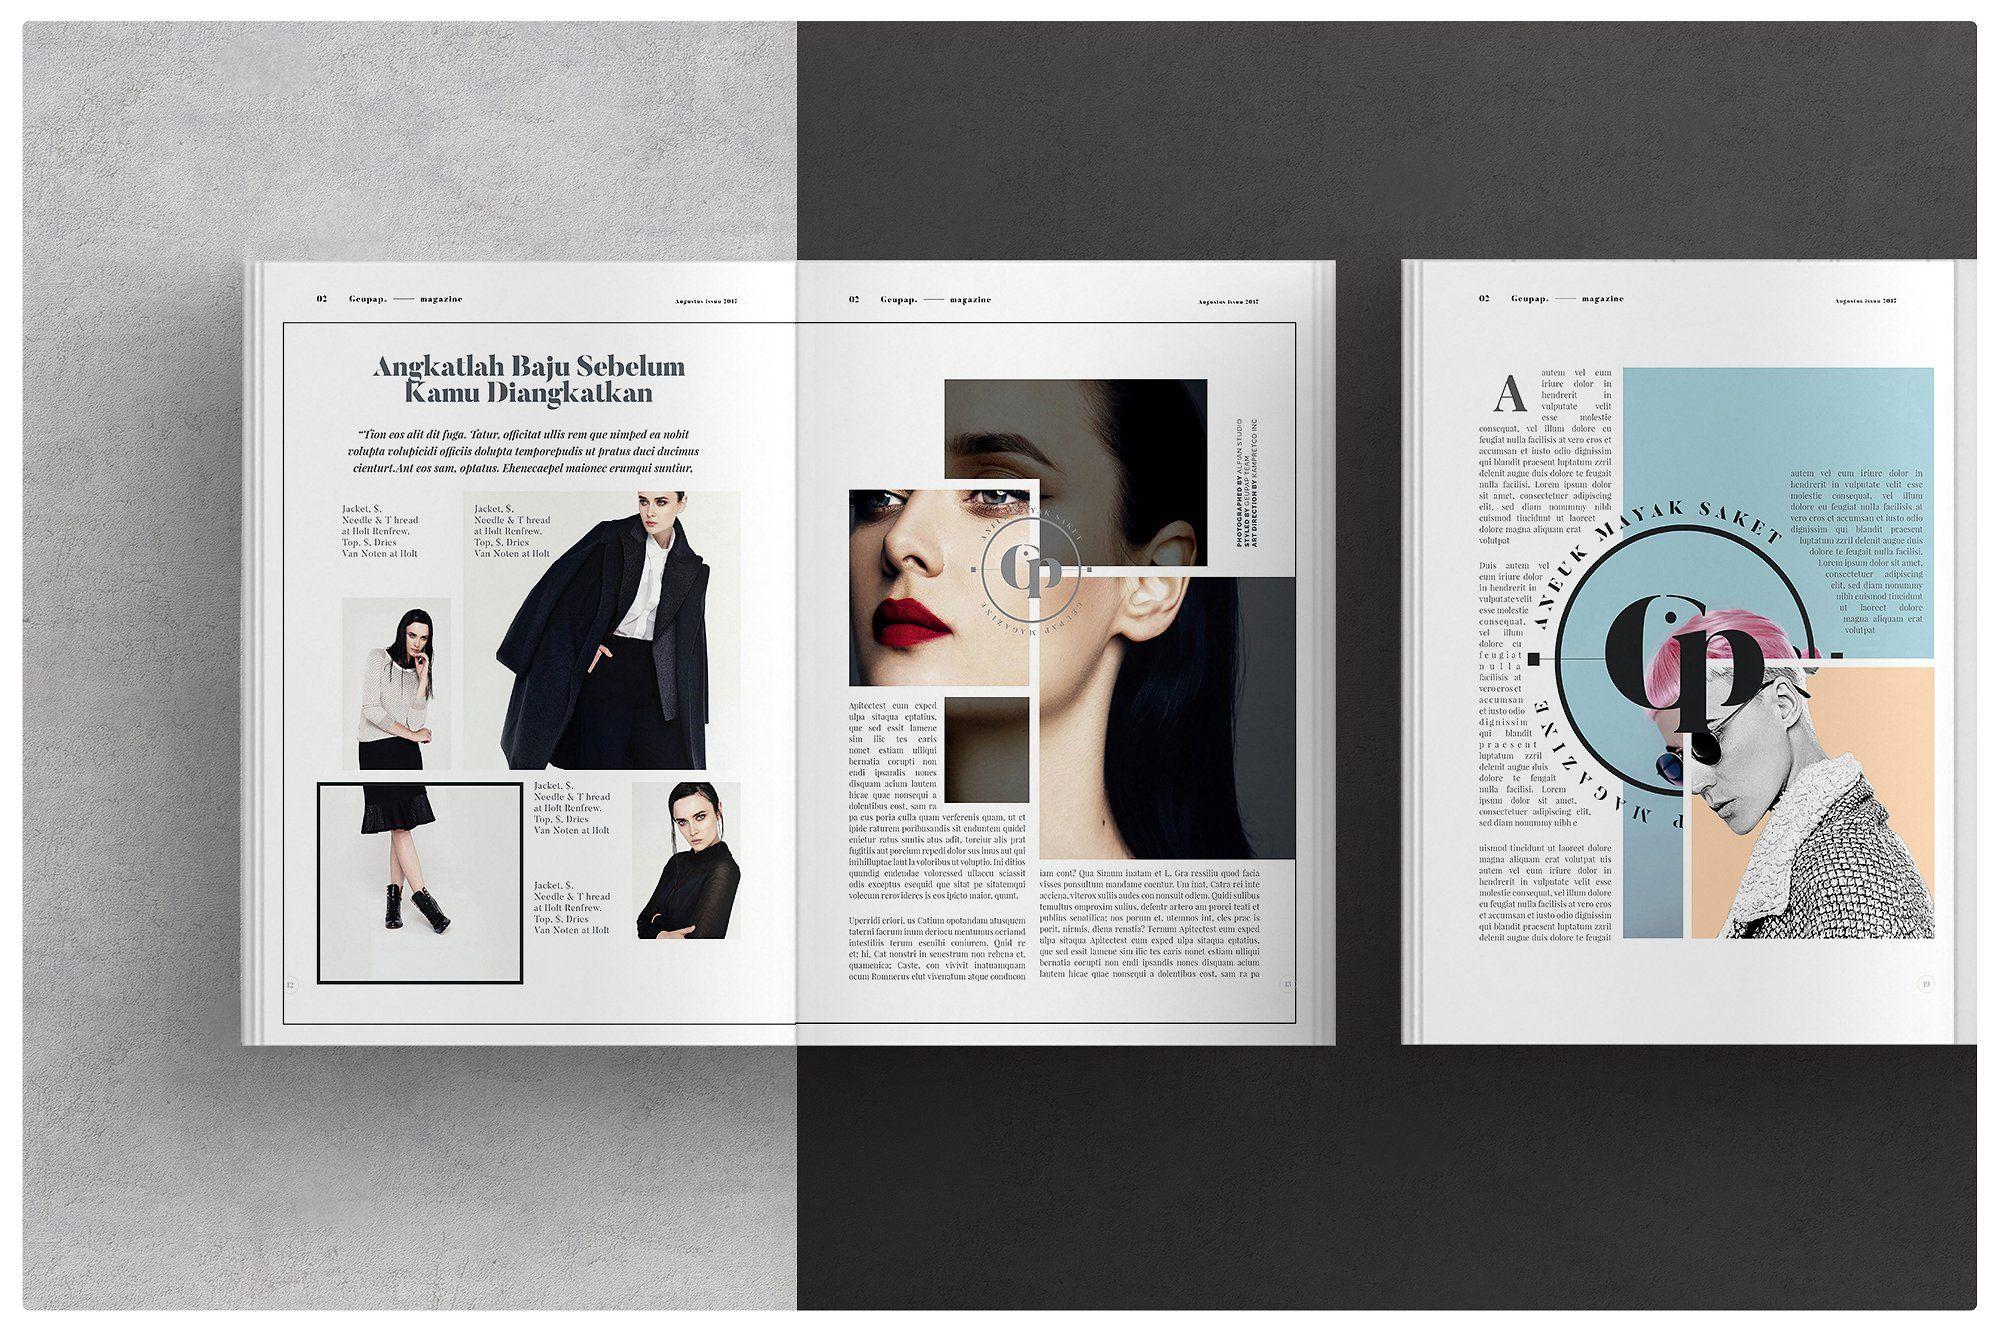 Дизайн и верстка картинки, жизни открытки февраля